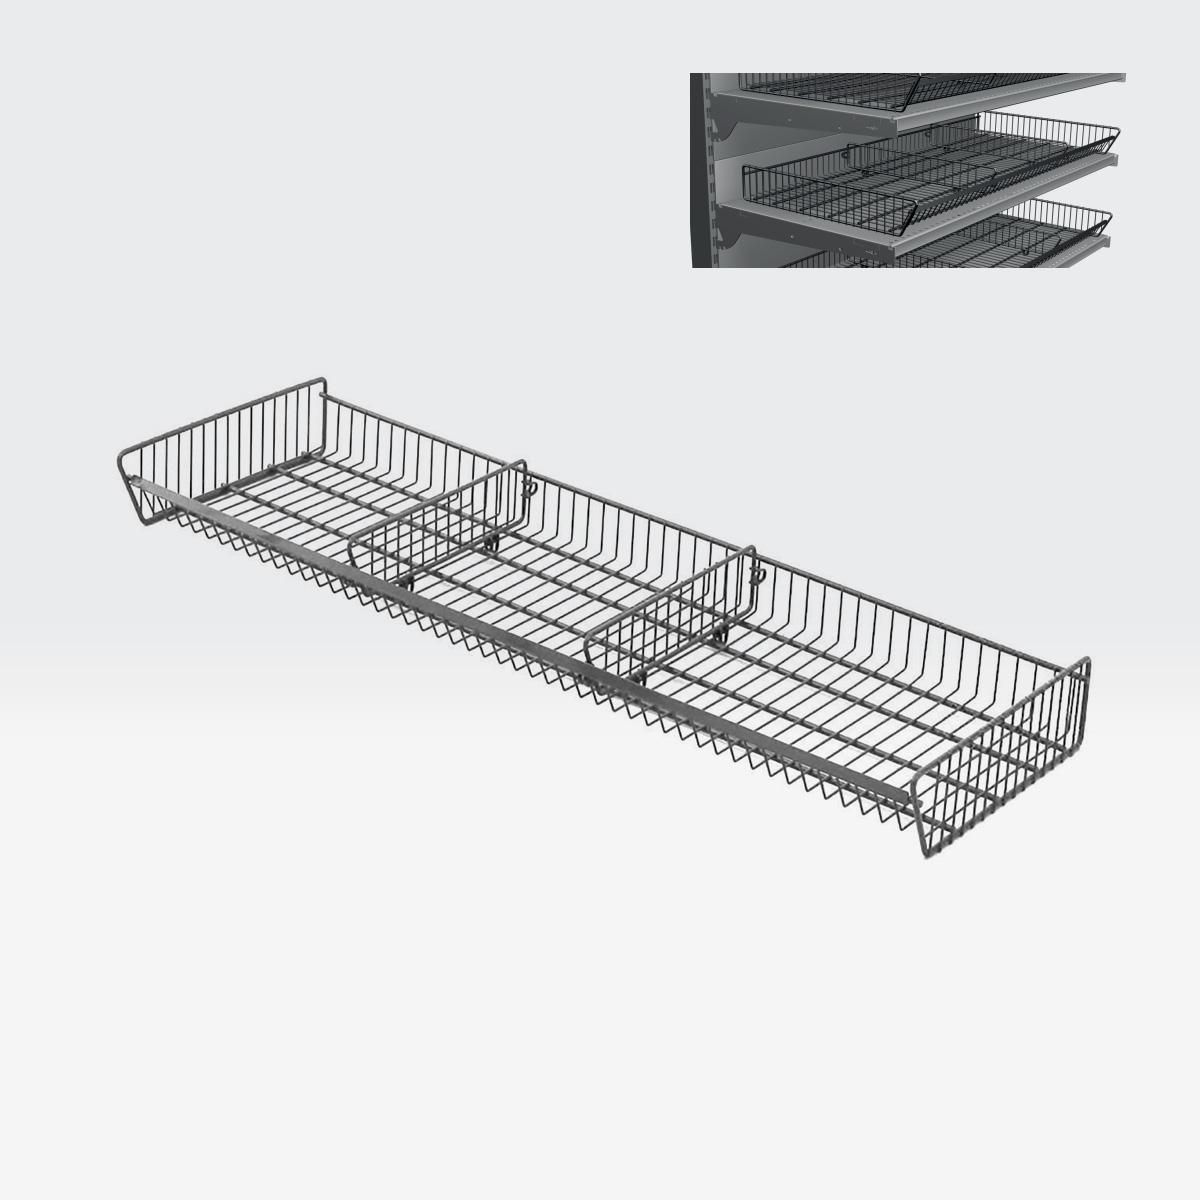 cesto metallico sovrapponibile PP